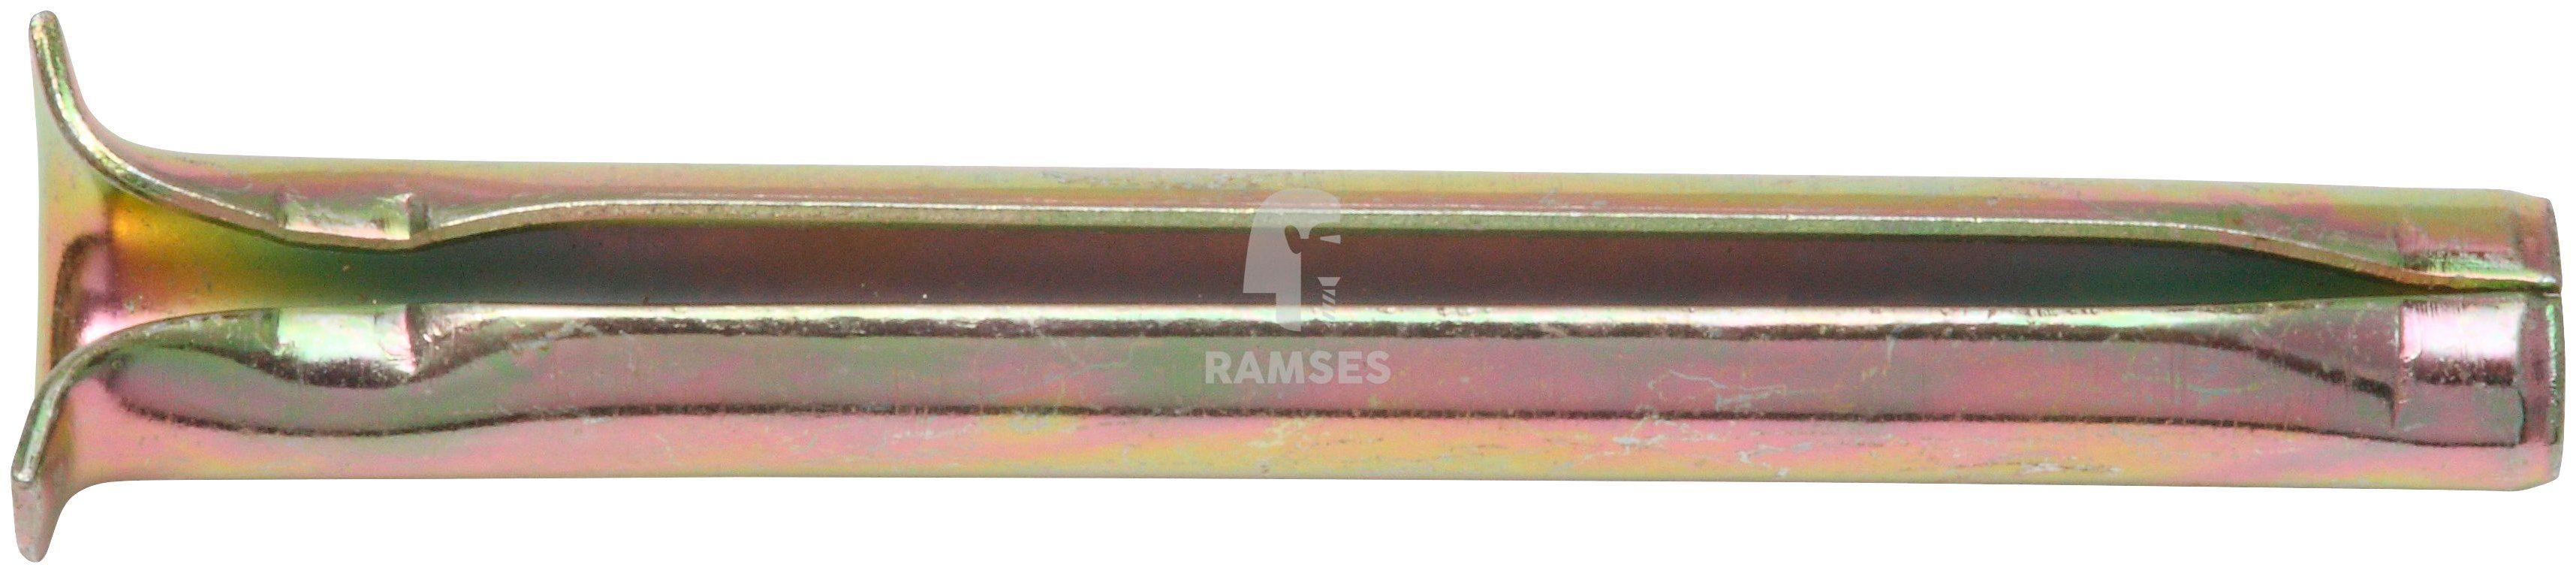 RAMSES Dübel , Spannstift 8 x 90 mm, gelb chromatiert 100 Stück